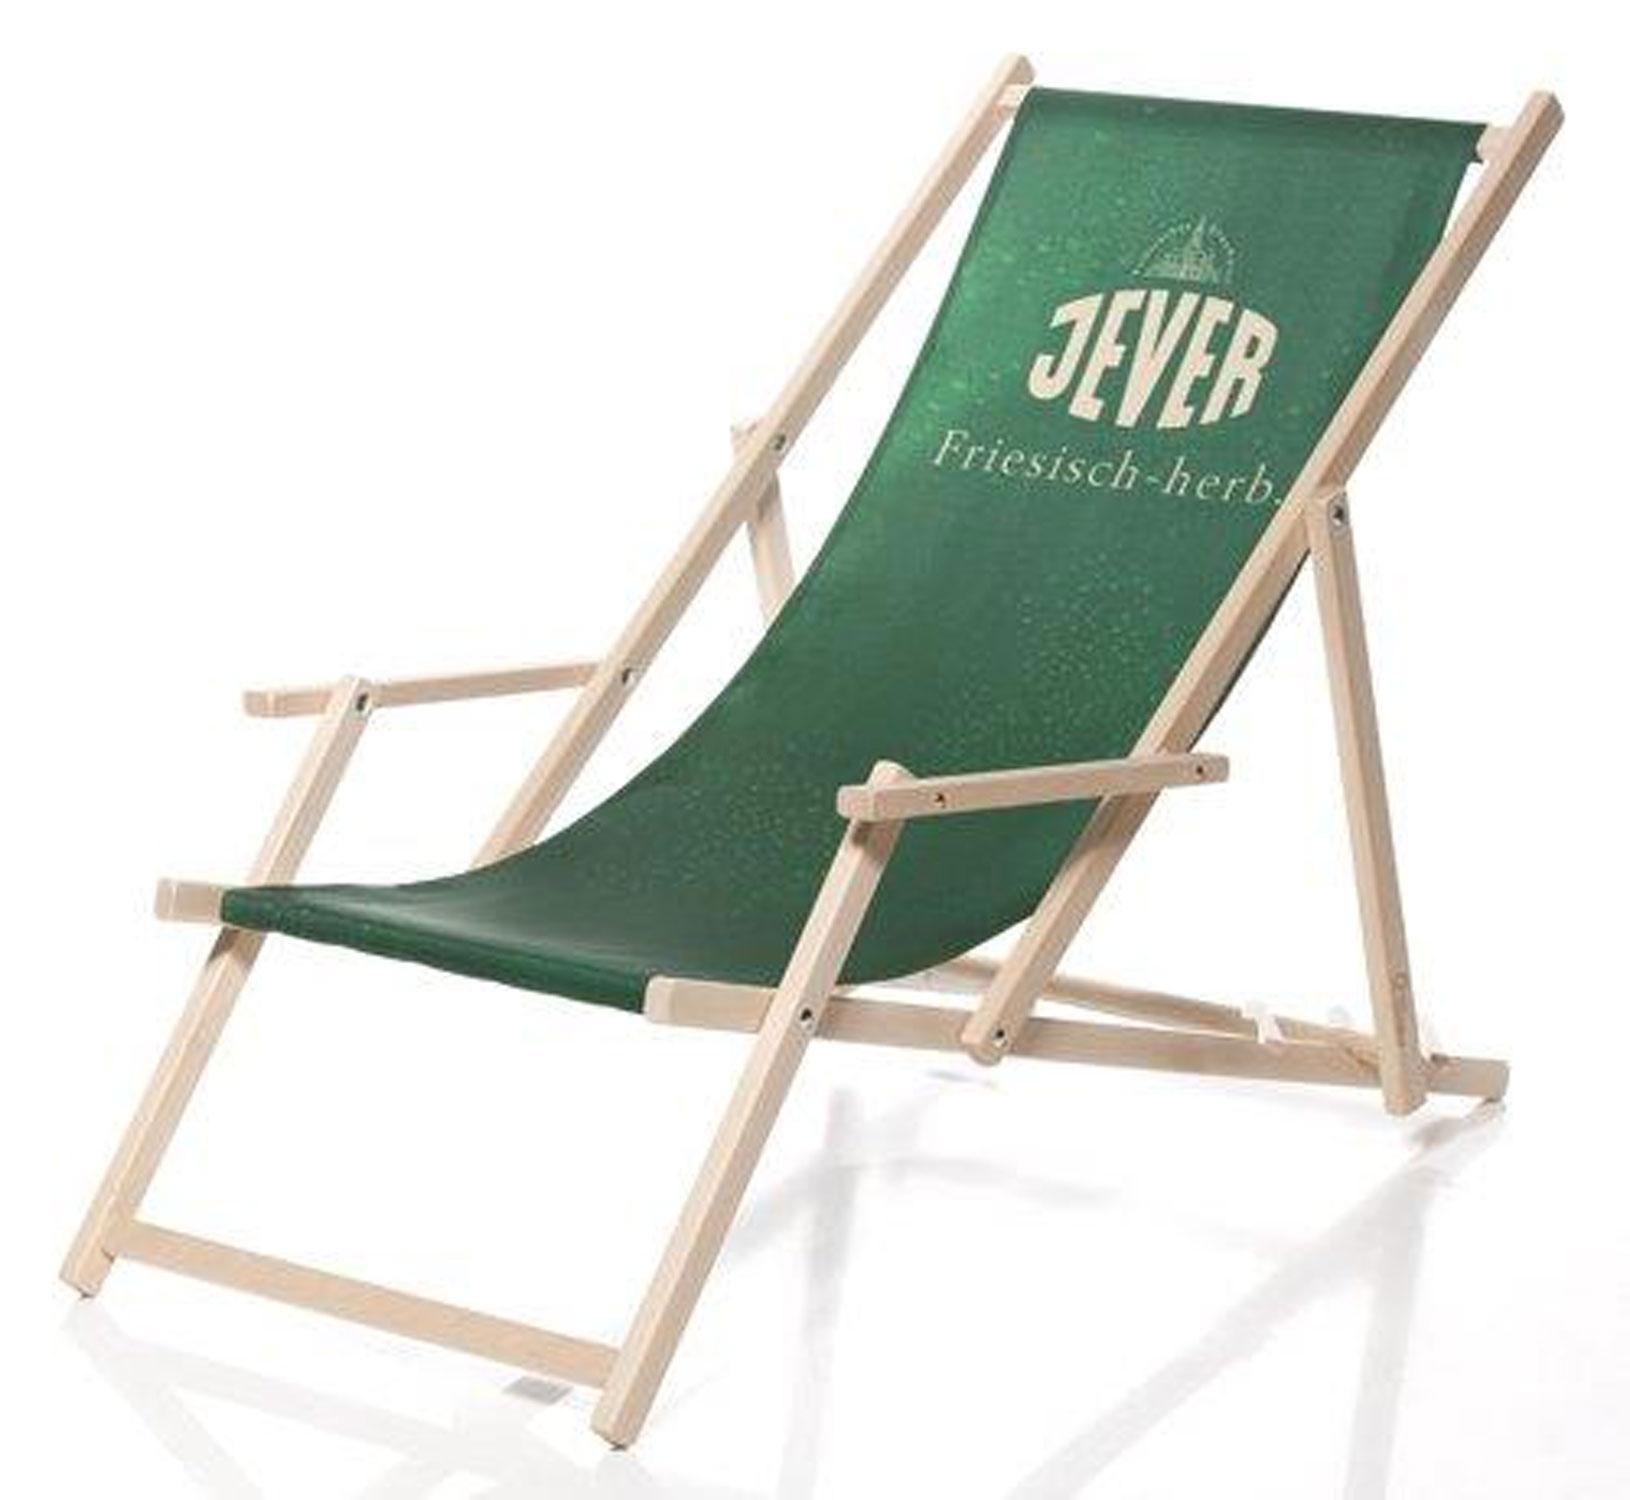 Jever Liegestuhl Stuhl aus Holz Gartenliege Klappstuhl grün